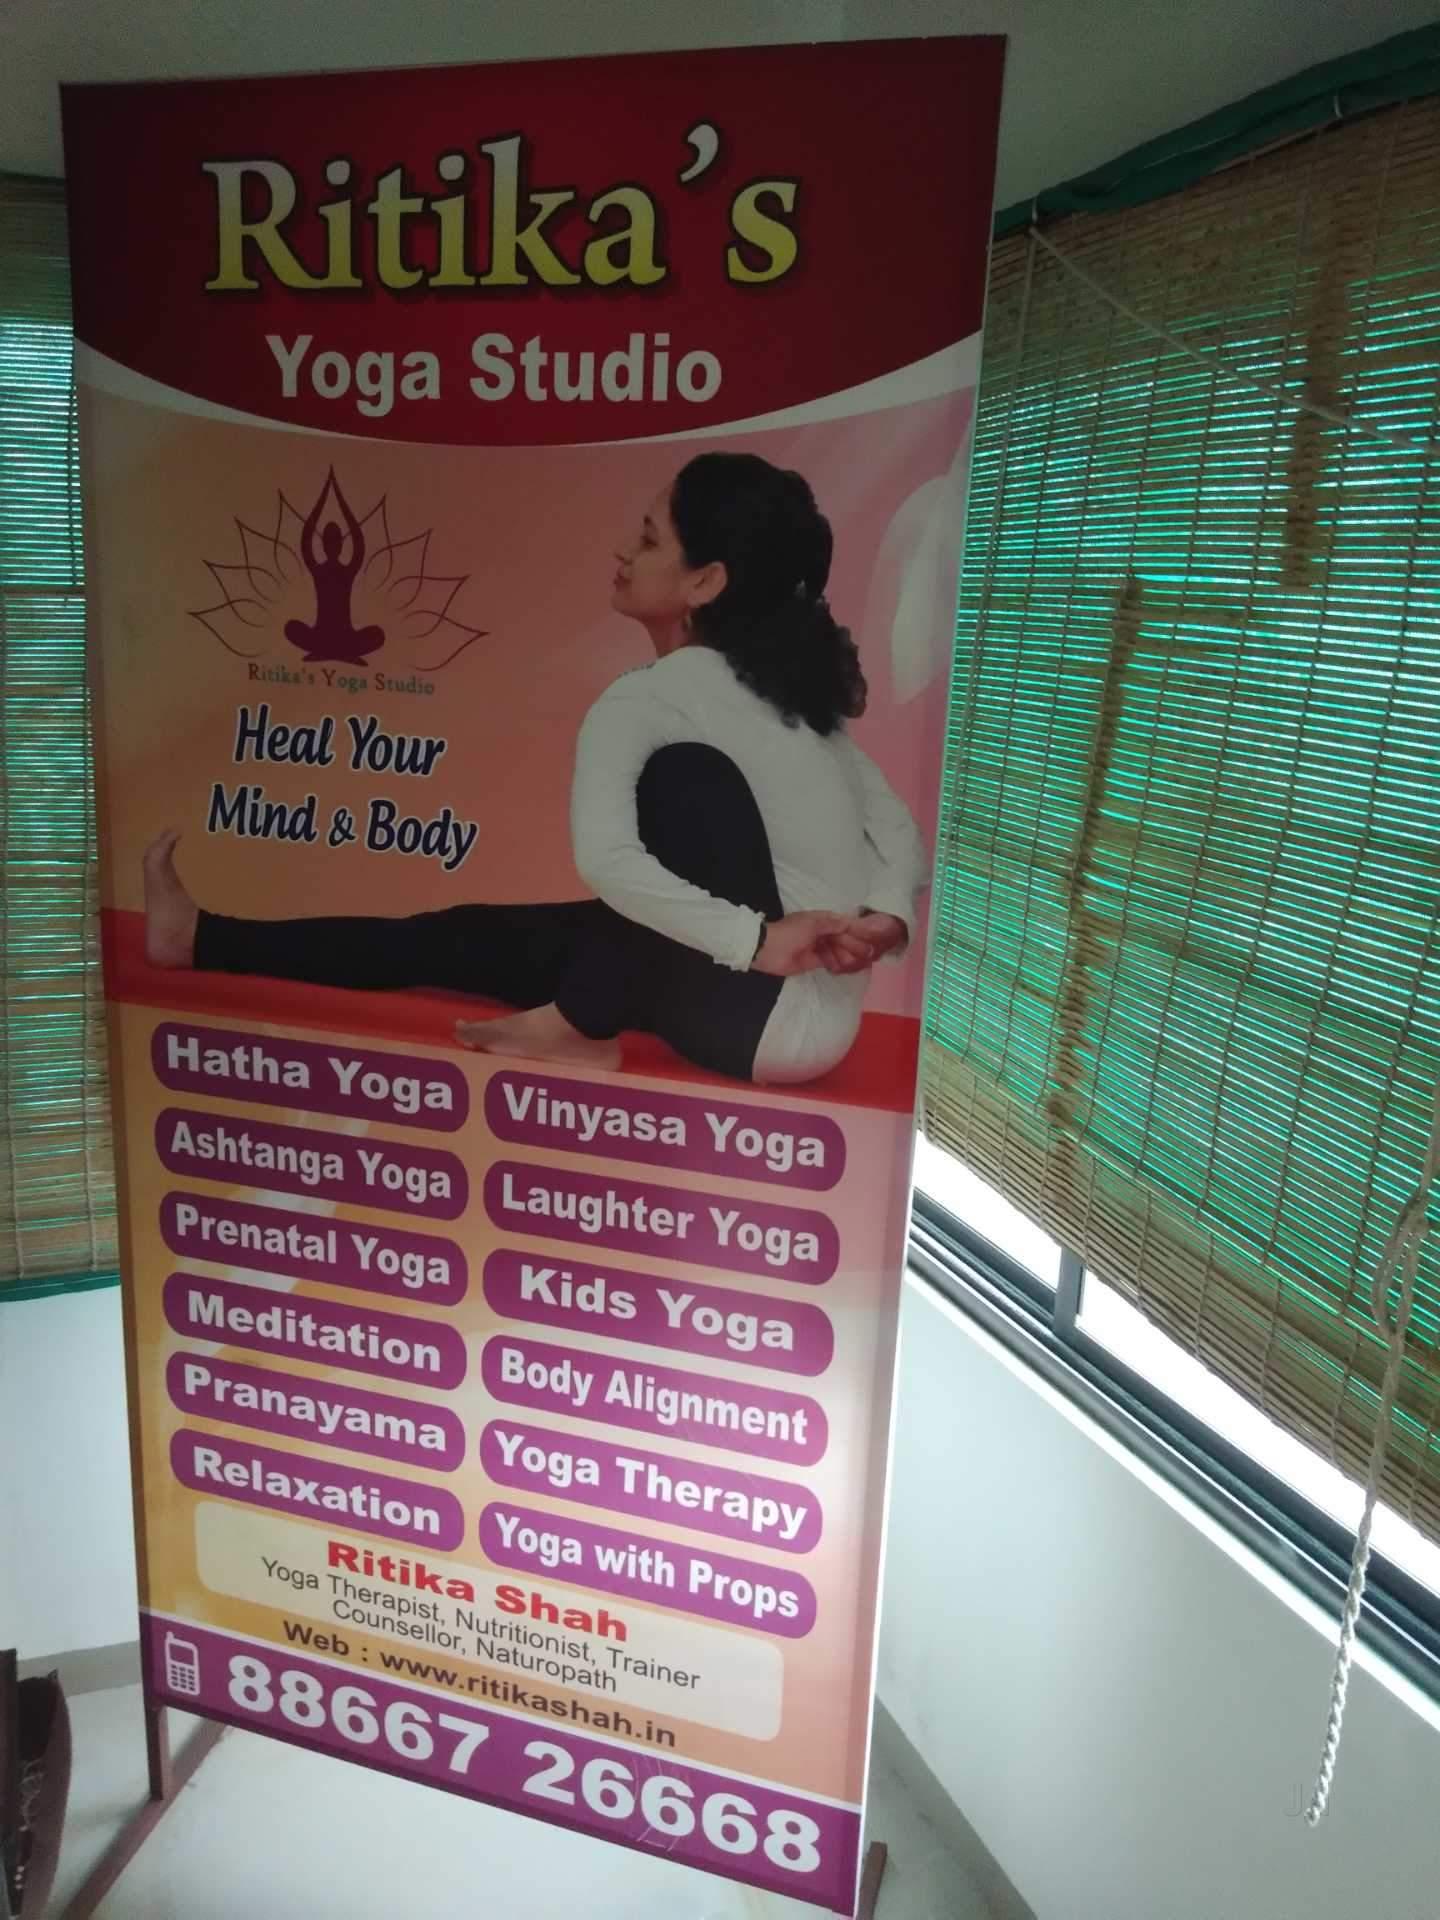 Ritika's Yoga Studio Maninagar